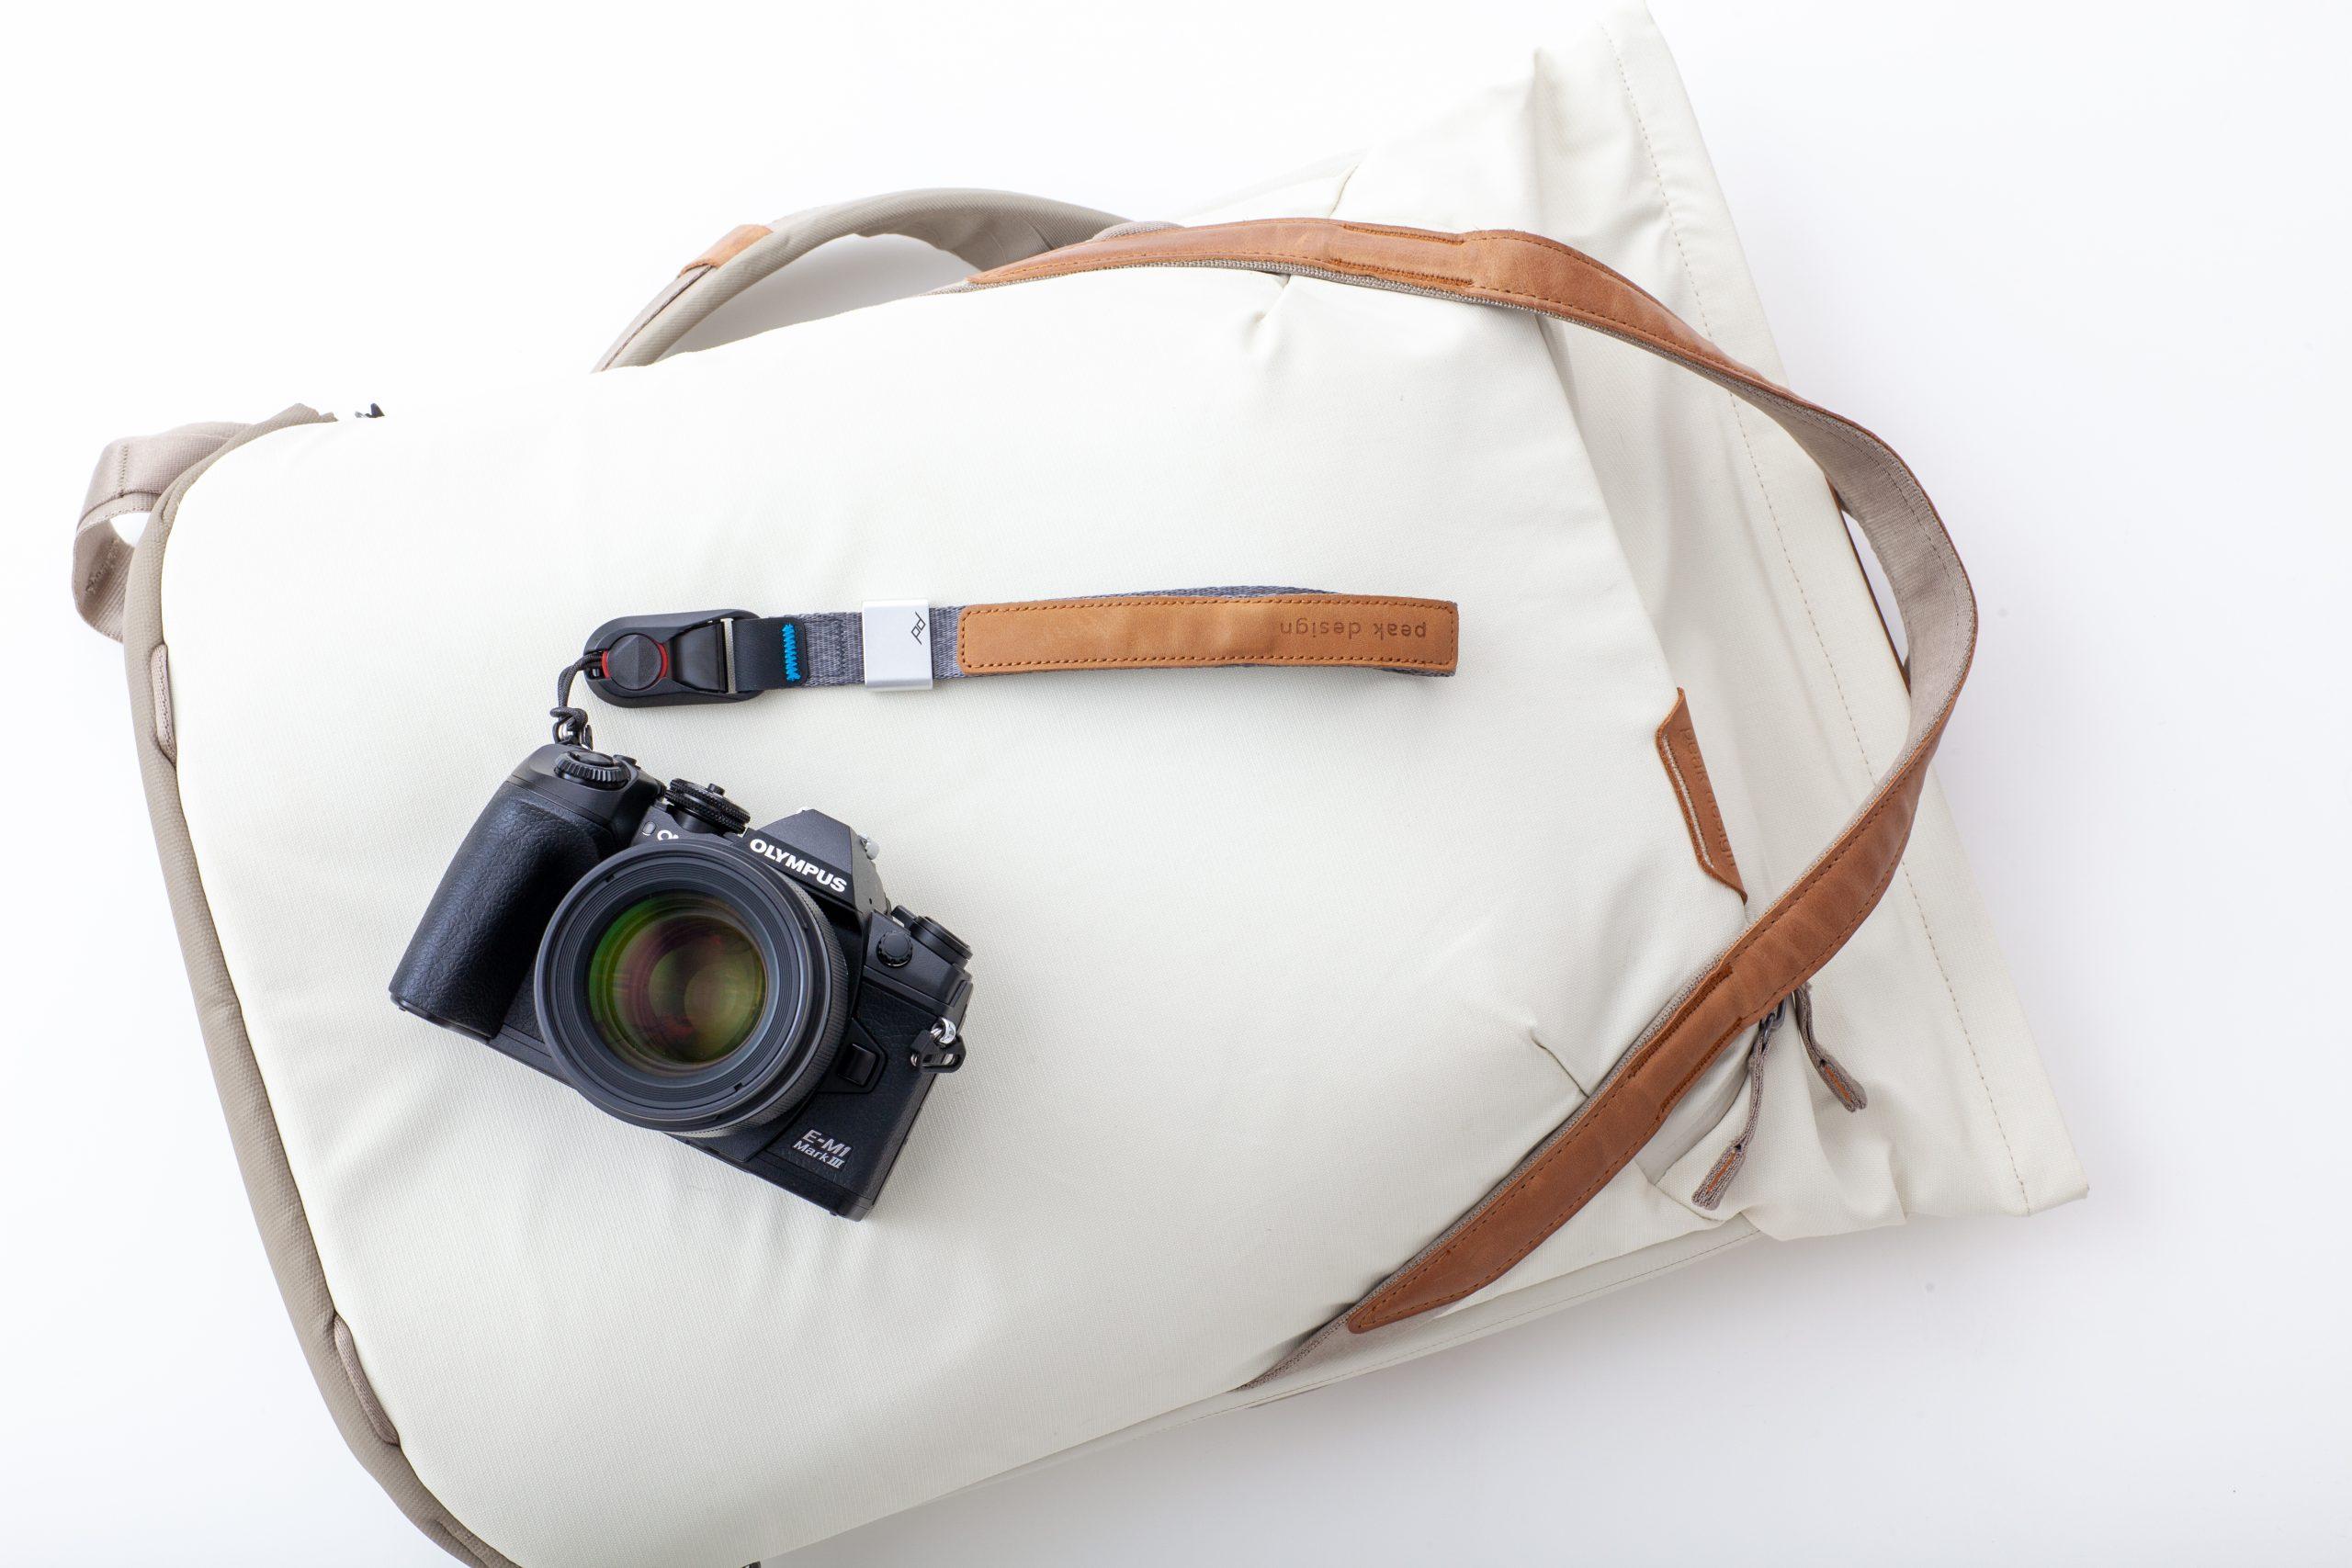 【自機一体】マップカメラスタッフこだわりの逸品 Vol.47